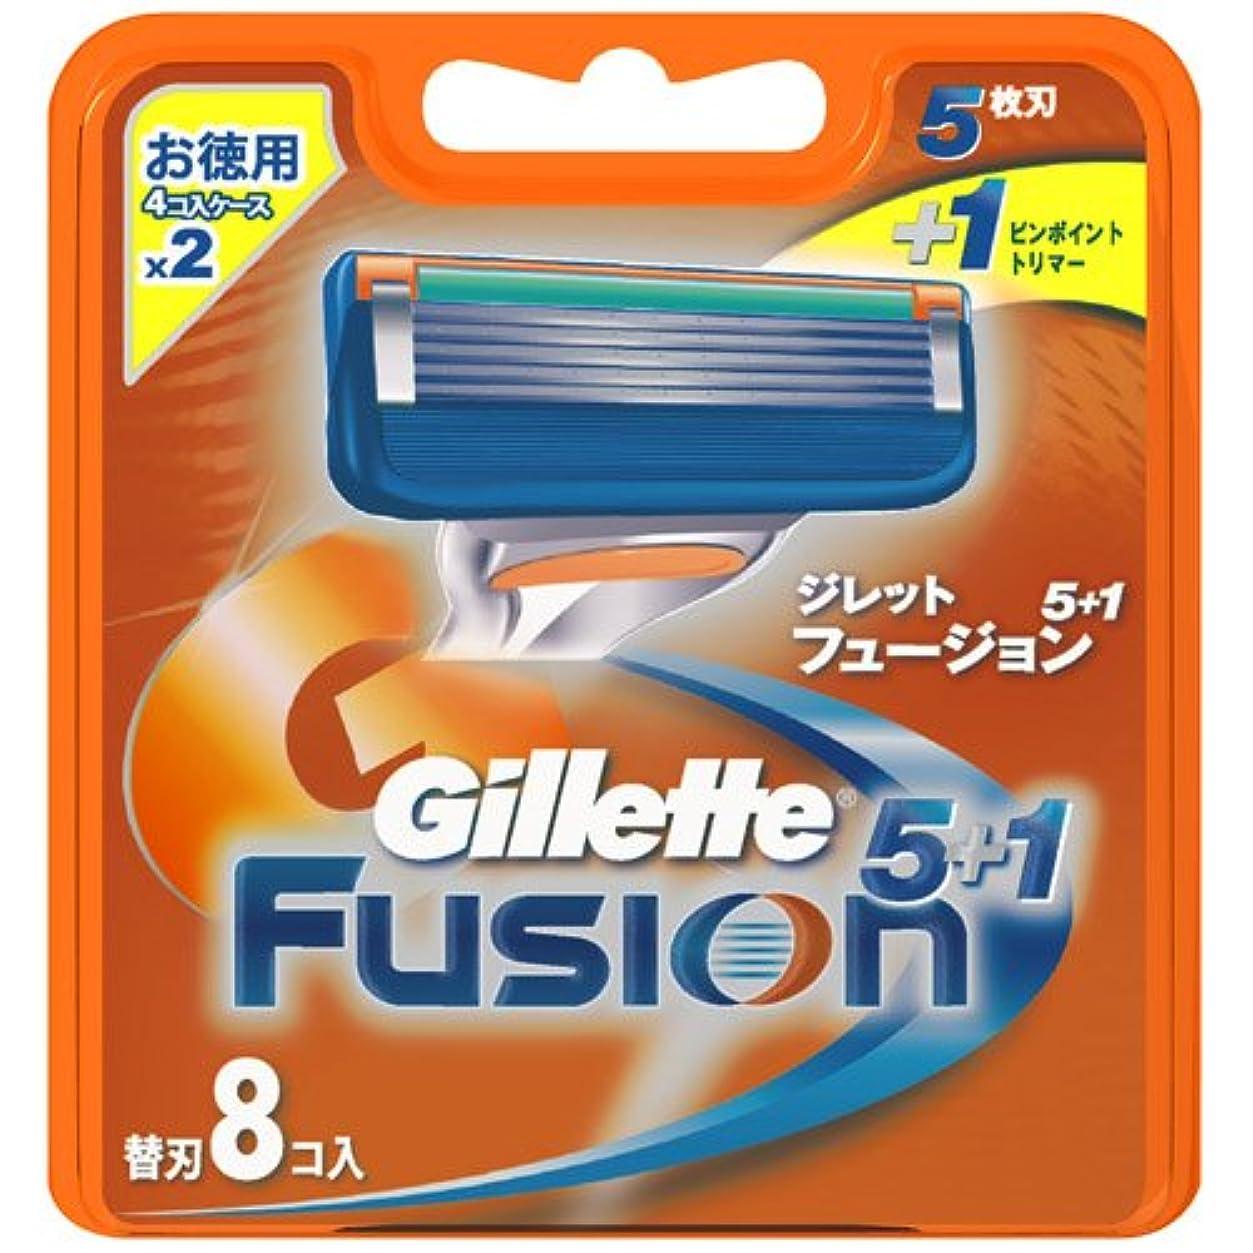 アルプス付録かりてジレット フュージョン5+1 専用替刃 8B